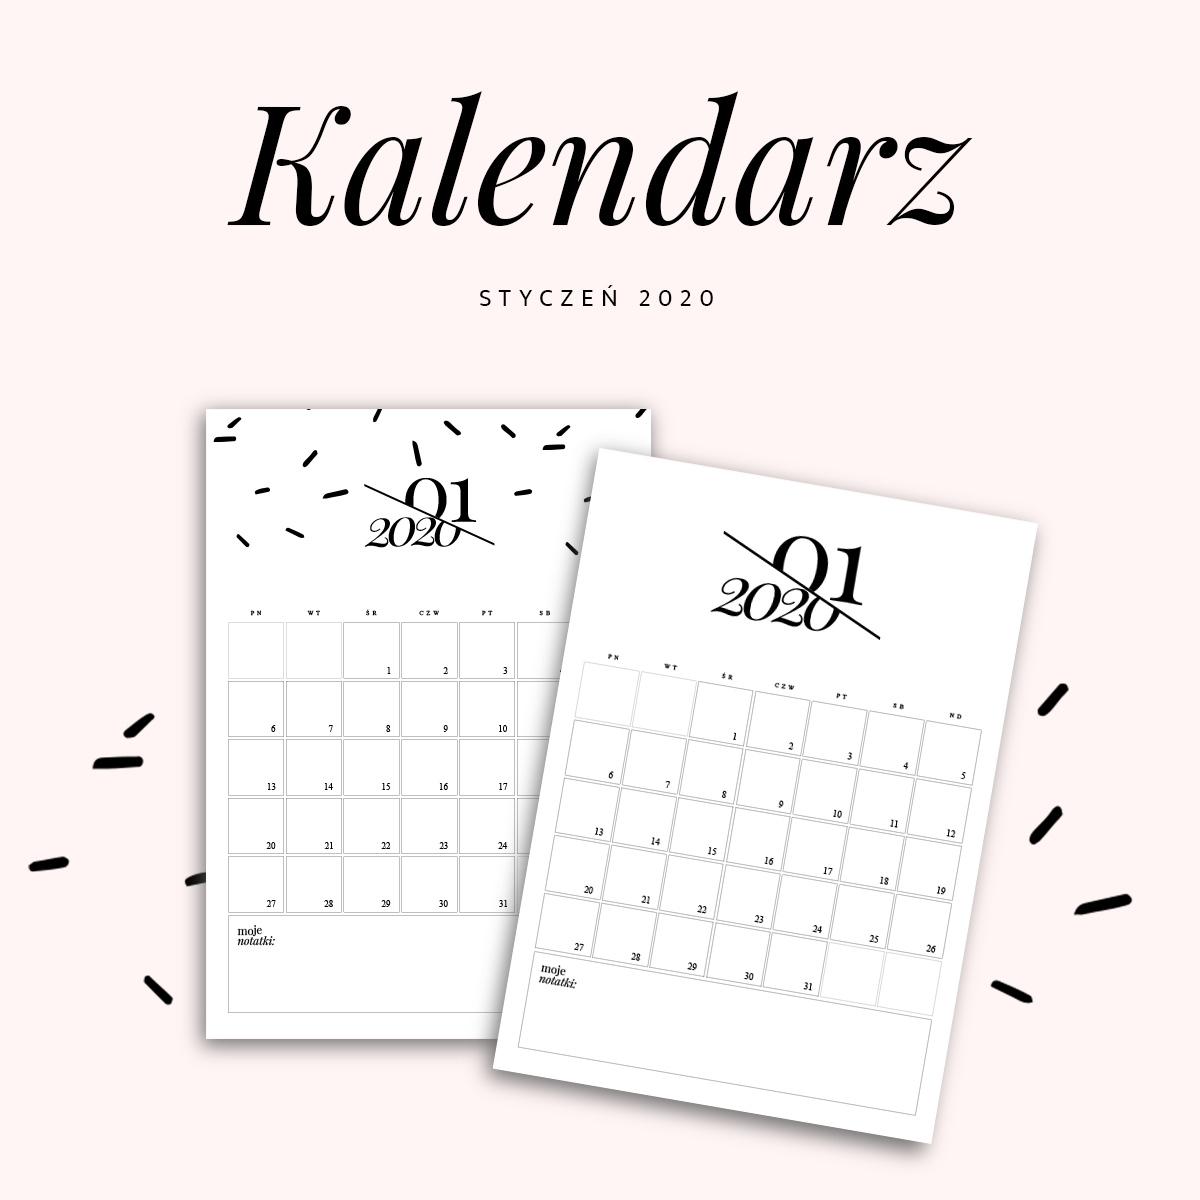 Kalendarz do druku - styczeń 2020 {do pobrania za darmo}